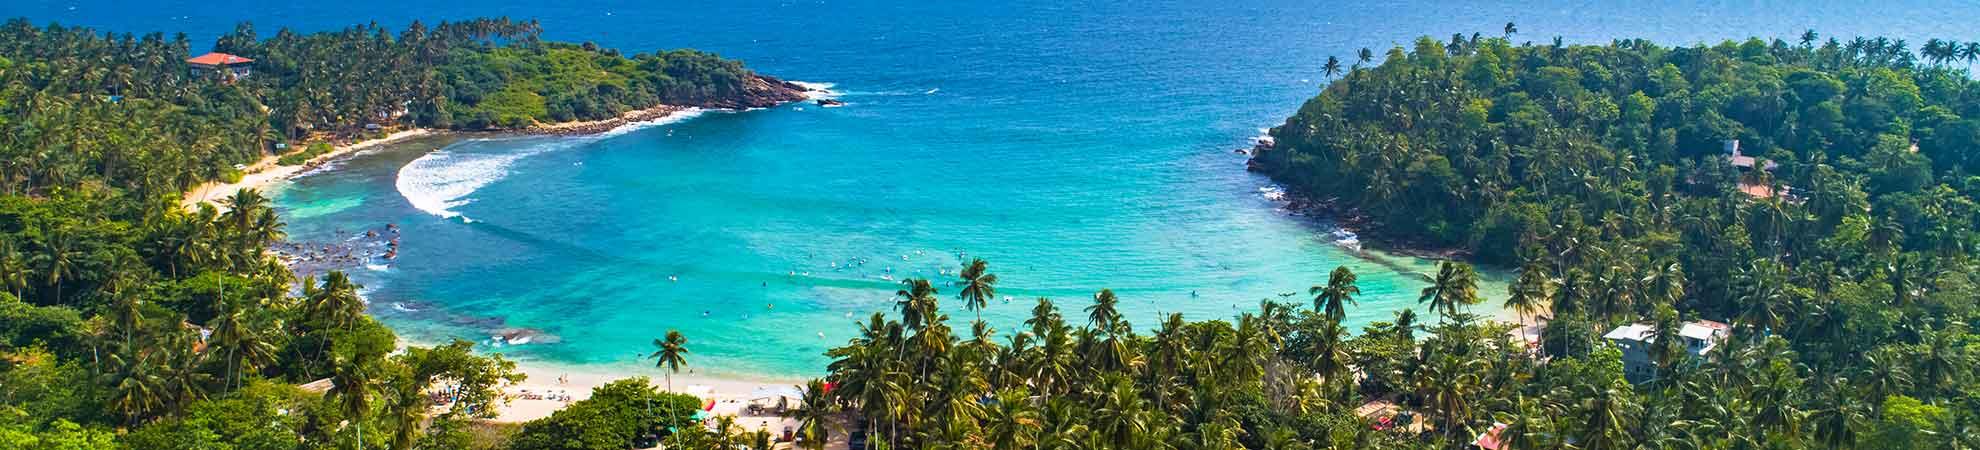 Aller au Sri Lanka en bateau